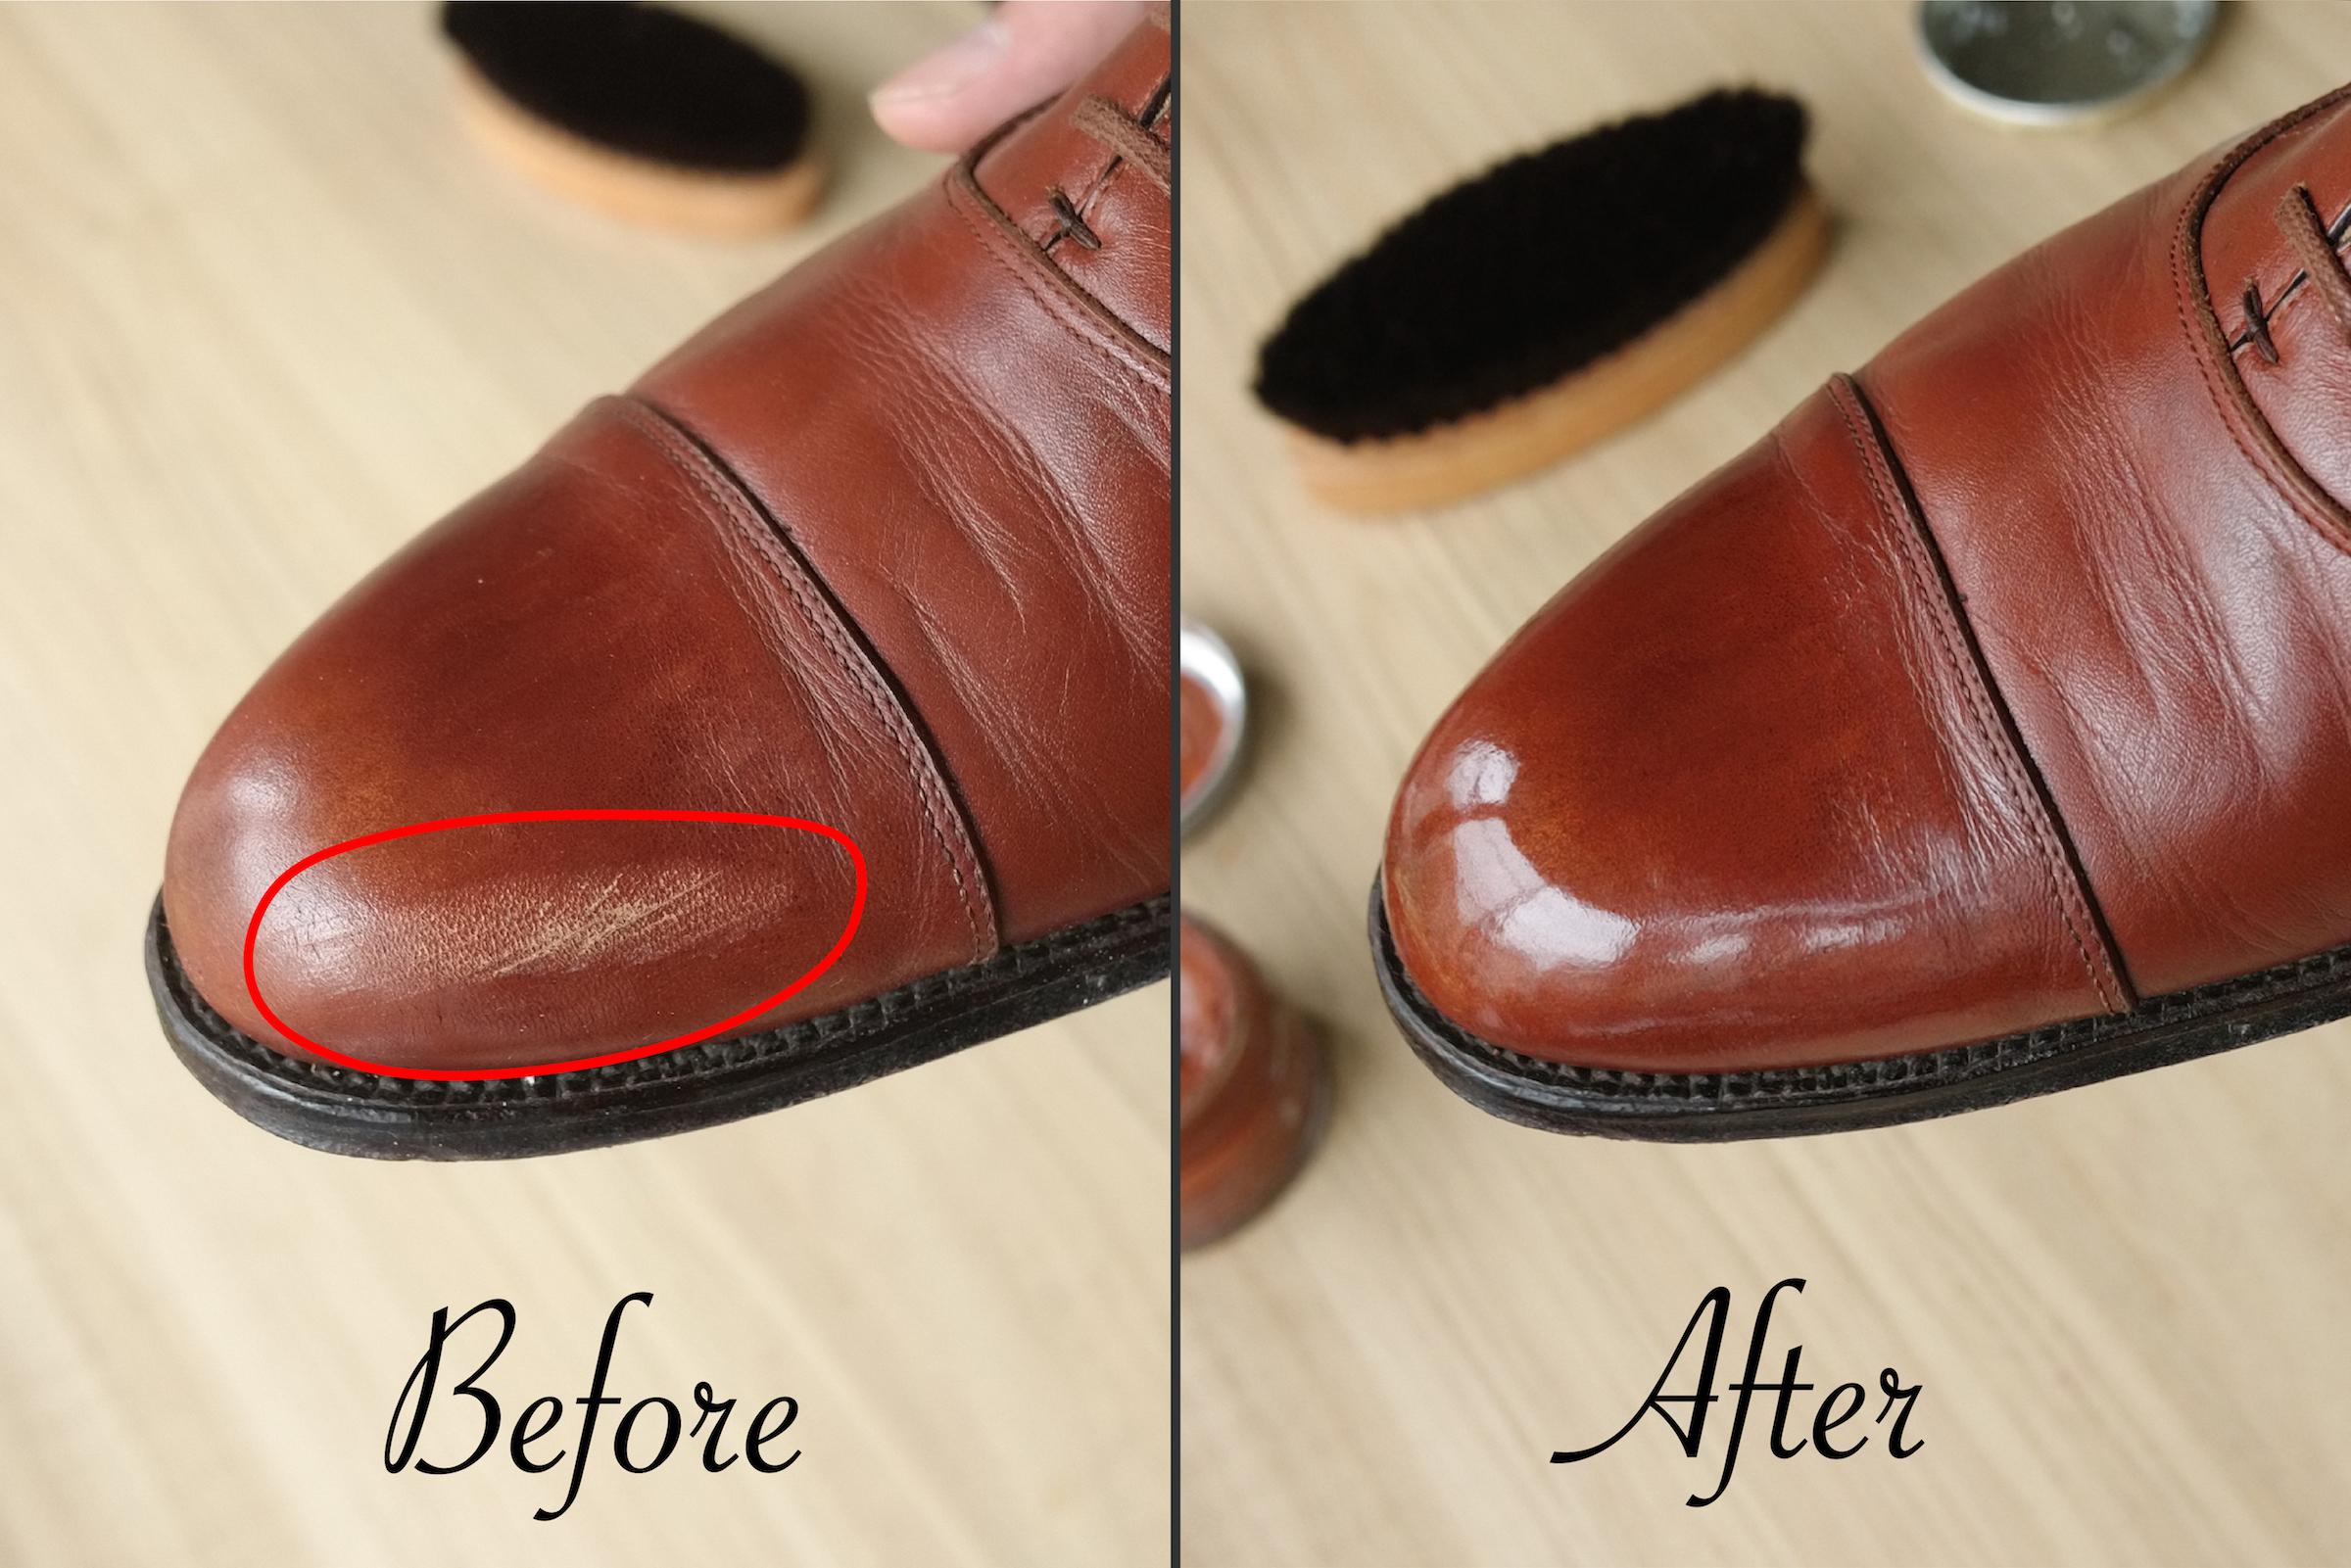 革靴の傷を自宅で簡単 \u0026 綺麗に補修する方法(擦りキズ、えぐれ